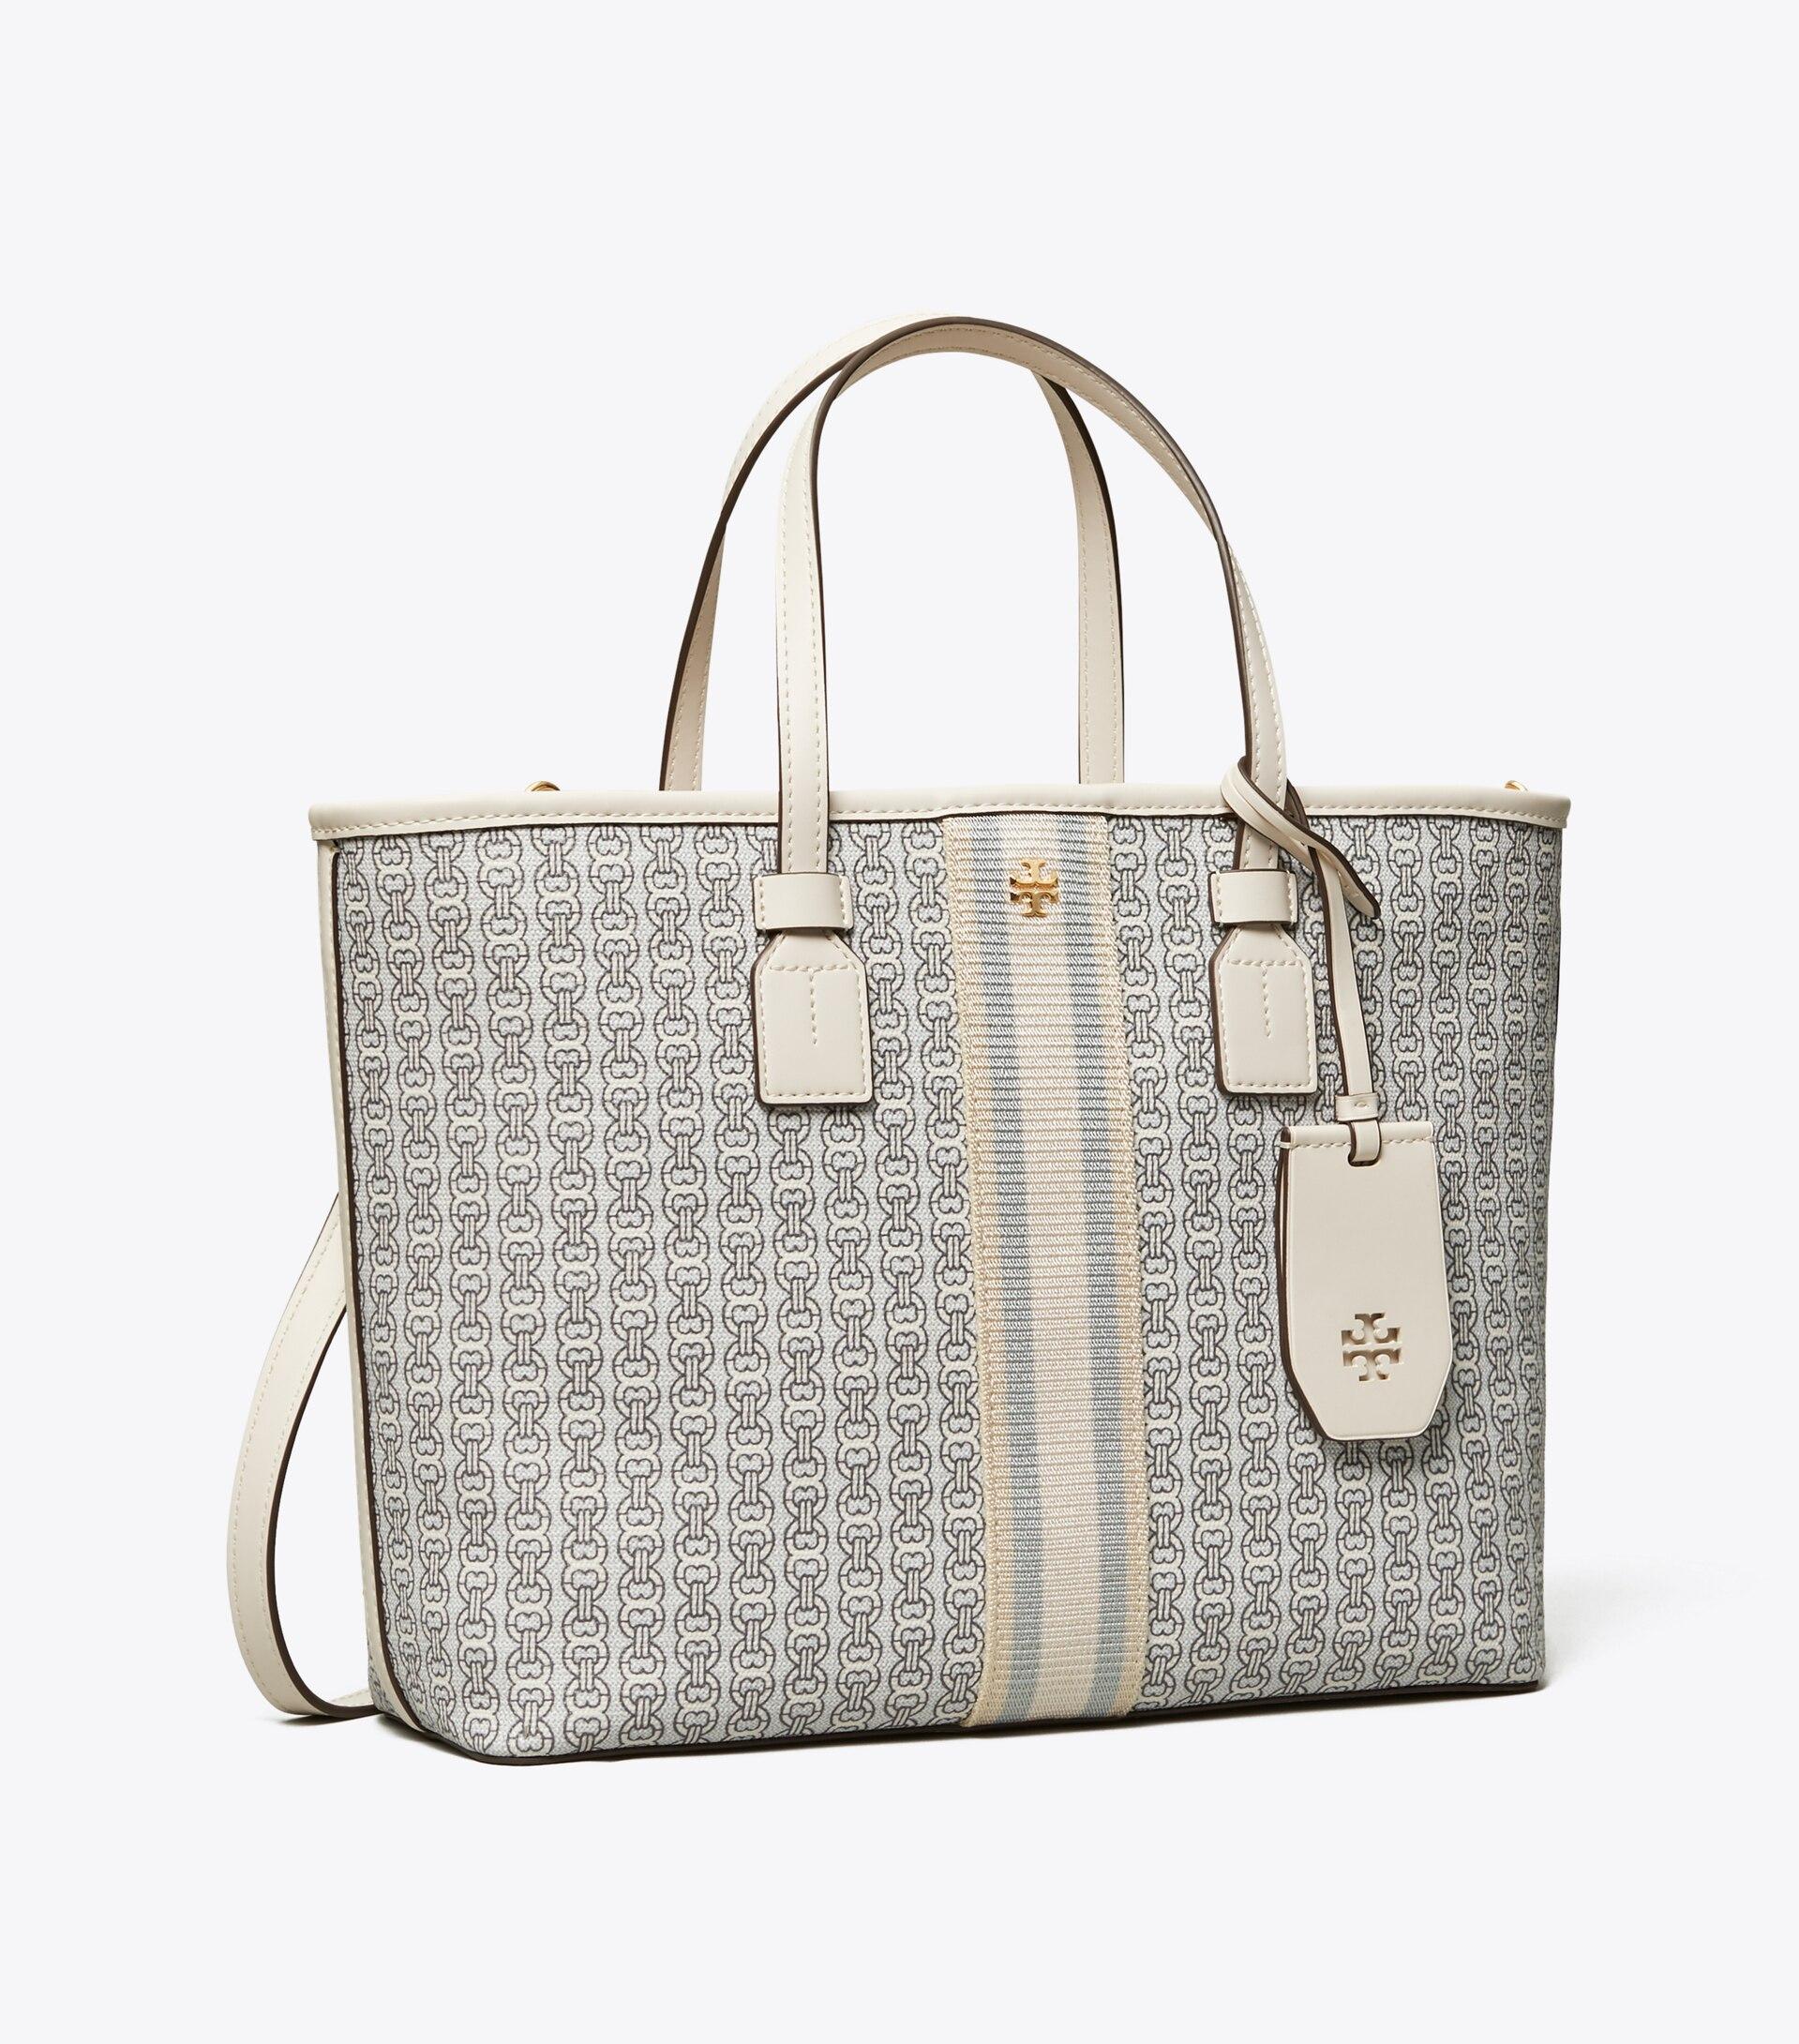 TORY BURCH TB女士小款提花手提包購物袋 53304 1